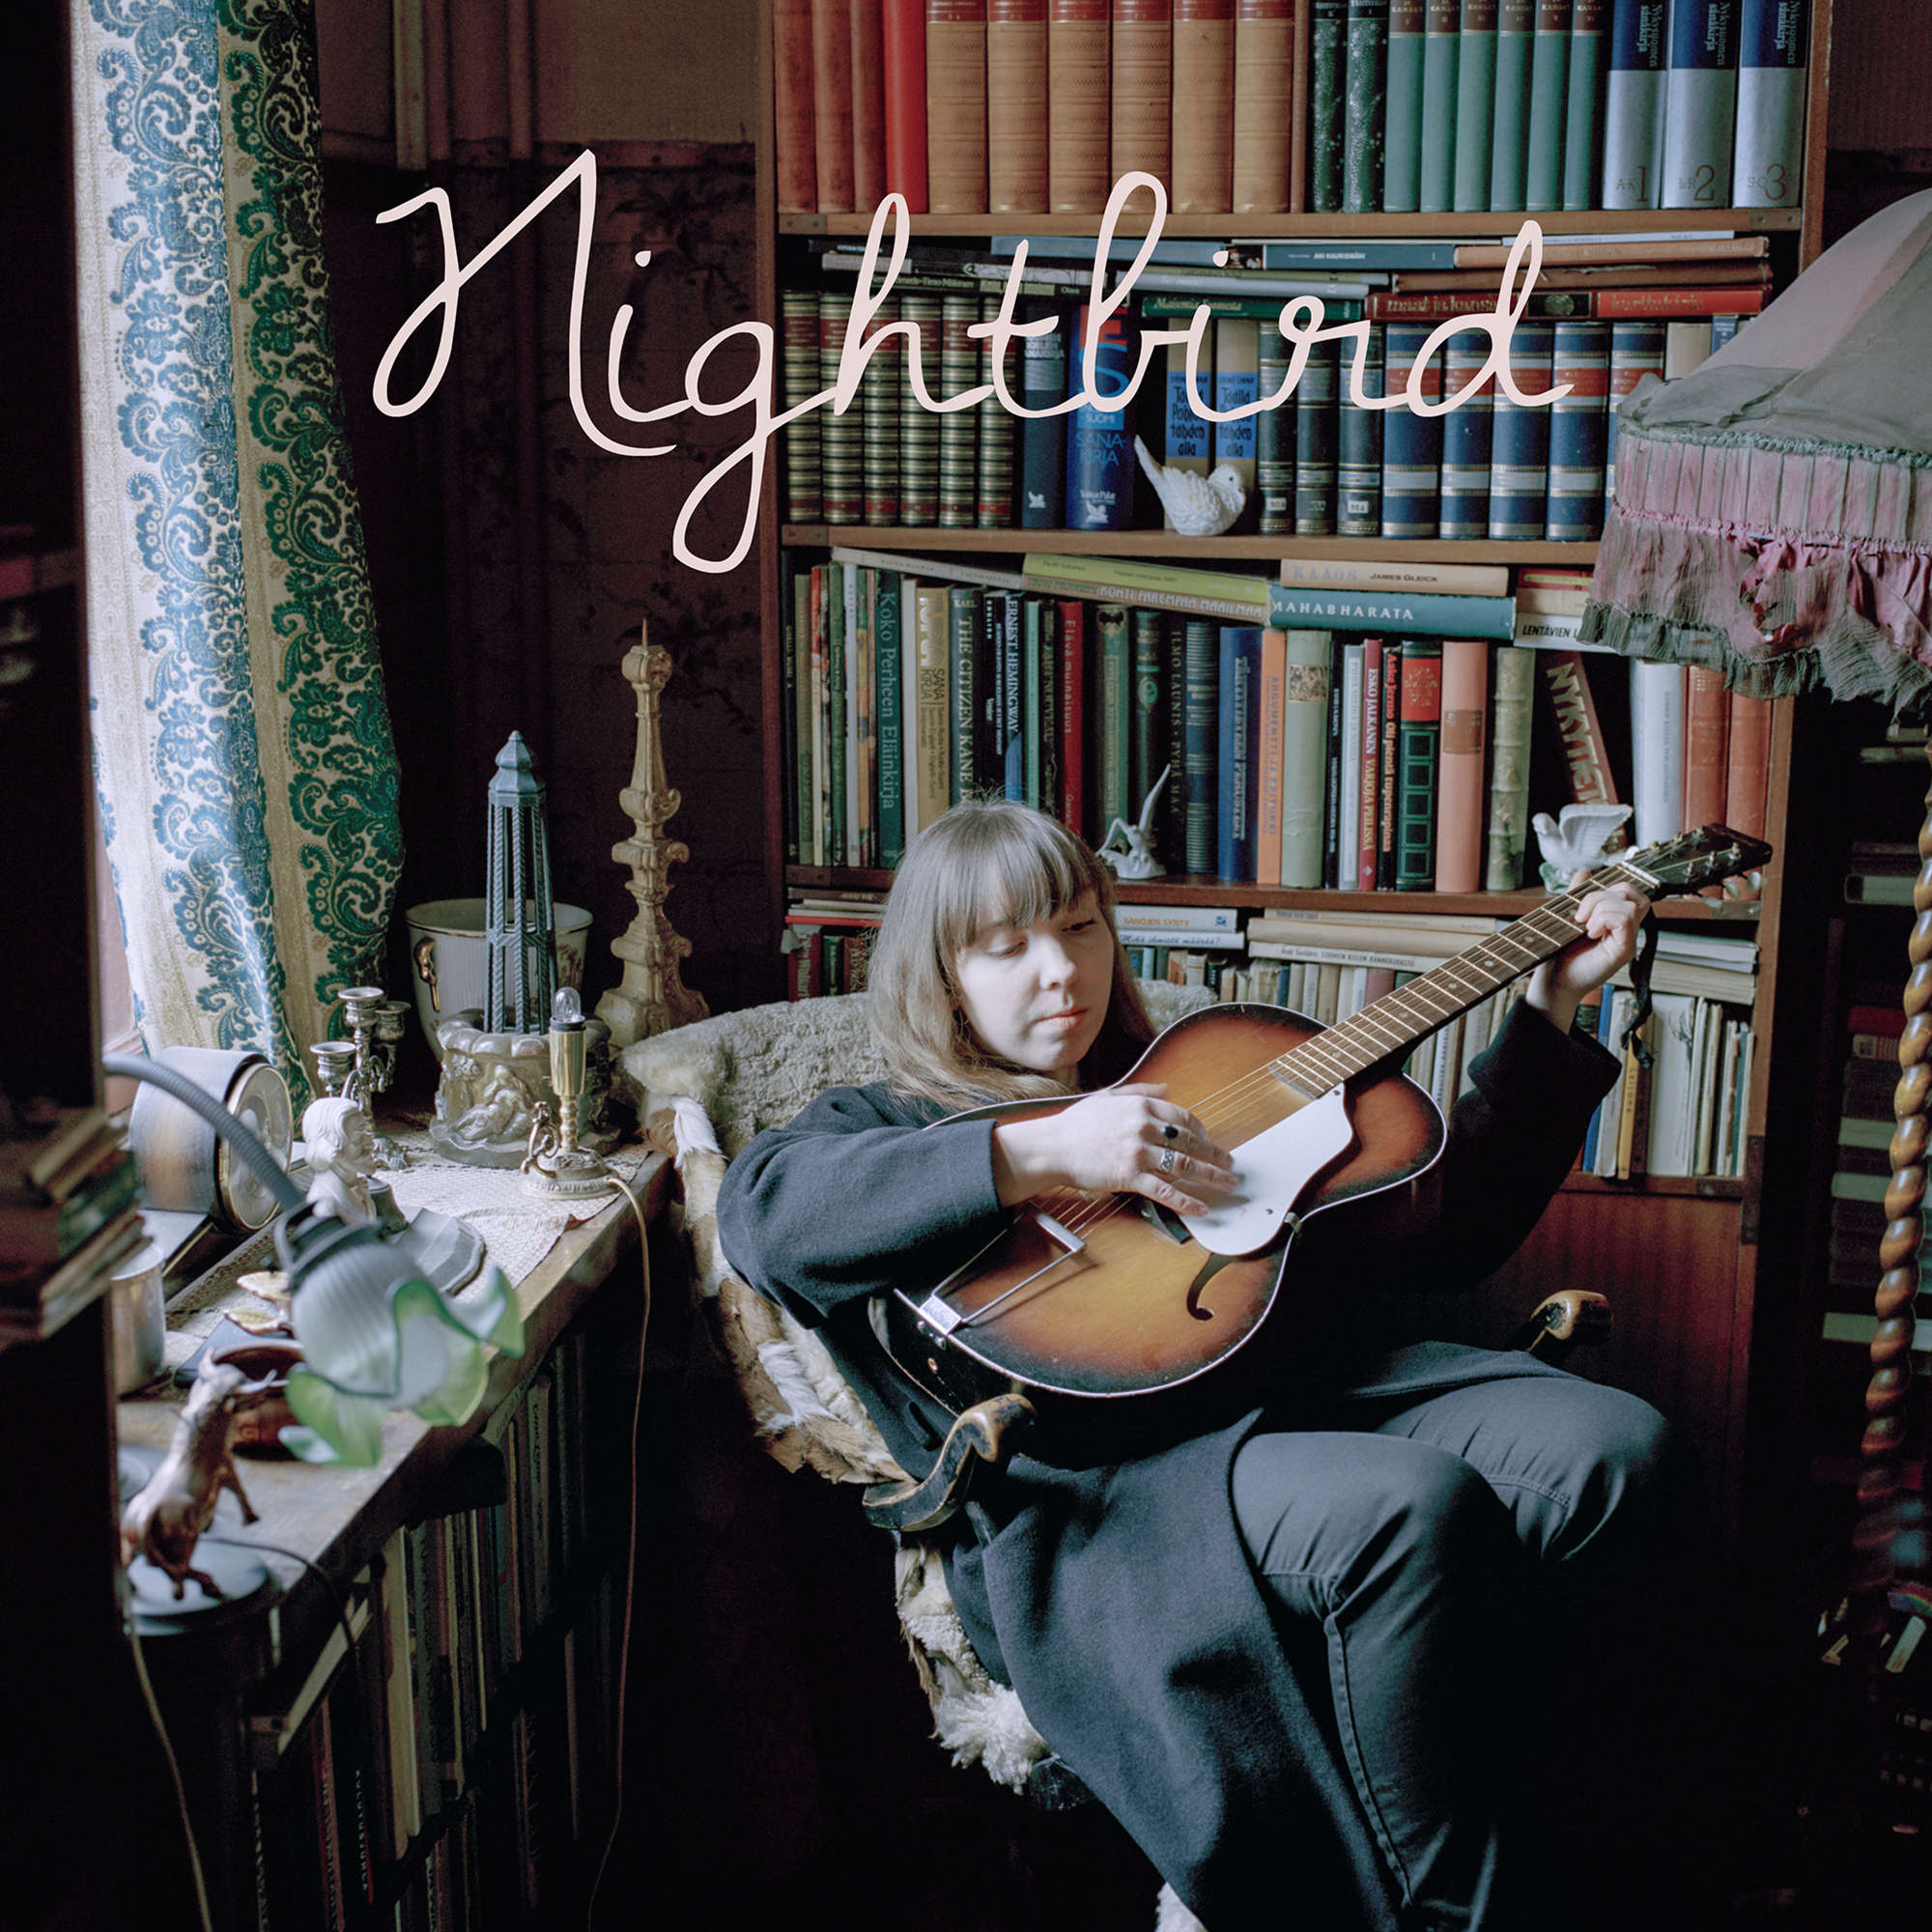 nightbird_vinylomslag copy.jpg